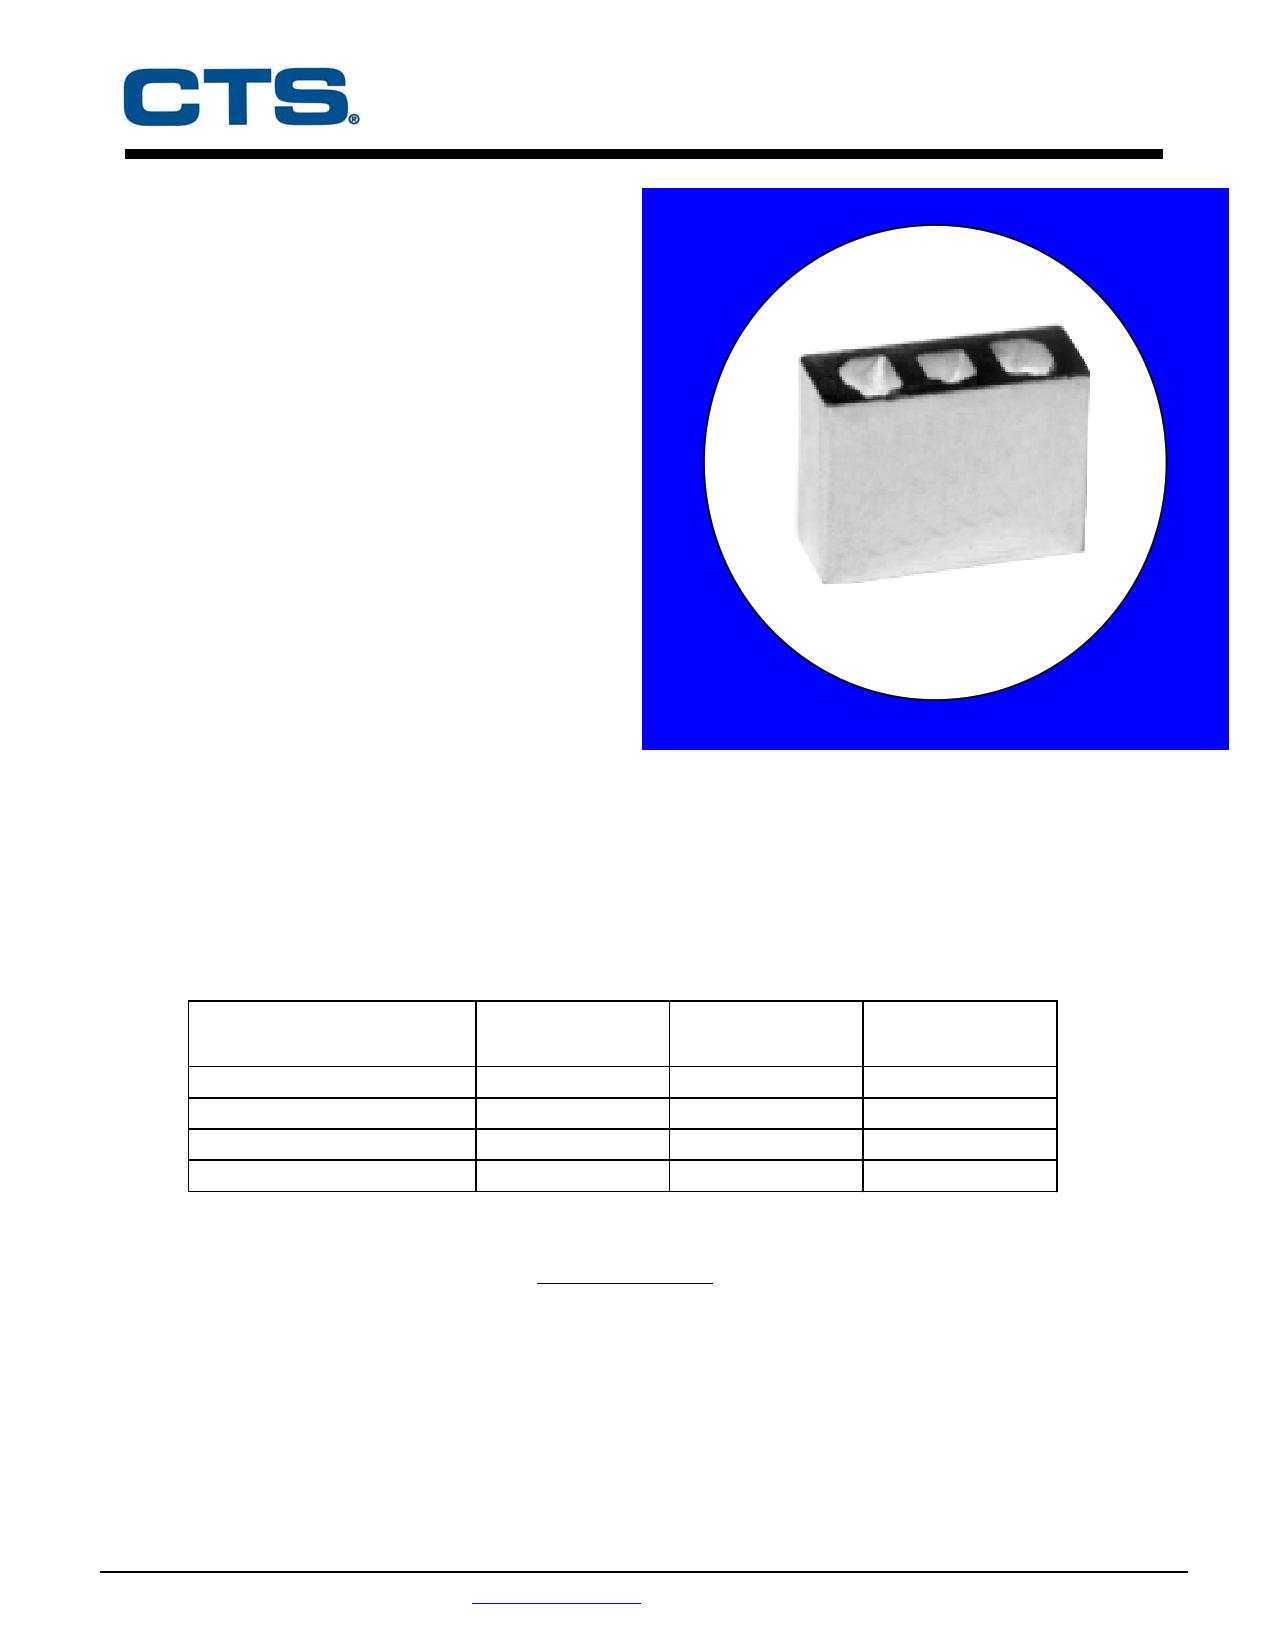 CER0002A 데이터시트 및 CER0002A PDF